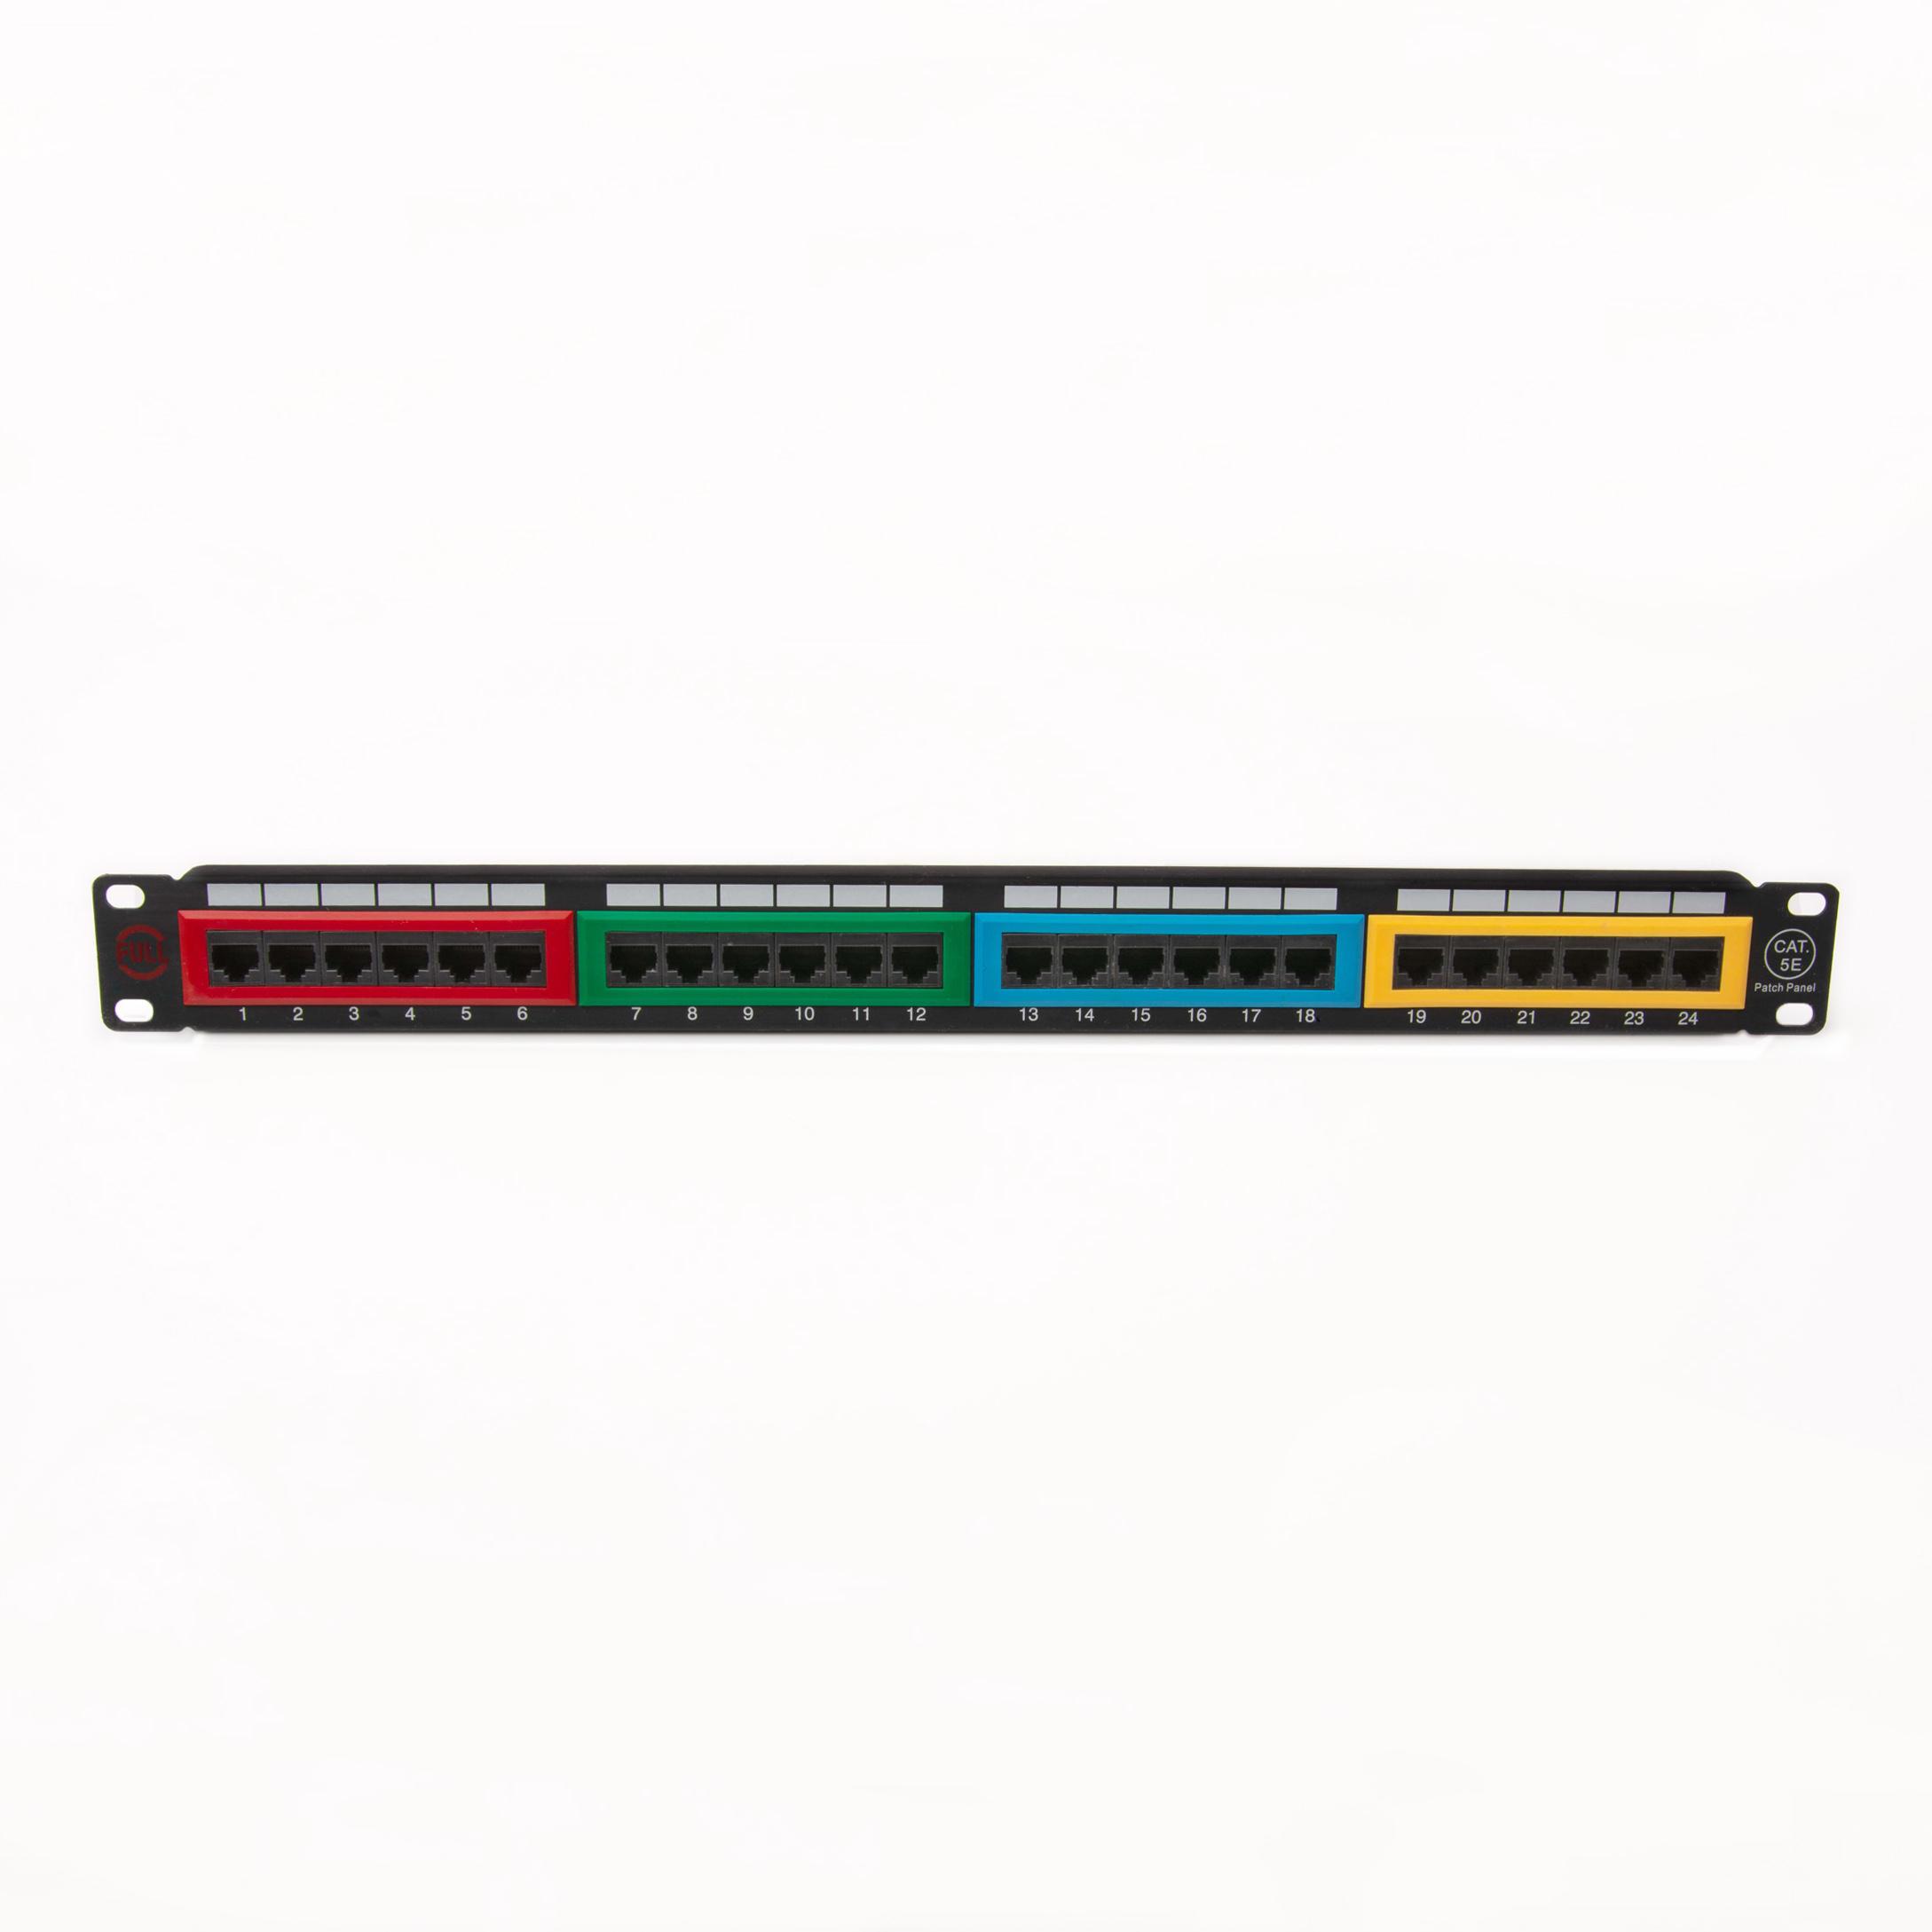 پچ پنل 24 پورت فول مدل UTP5E-24P